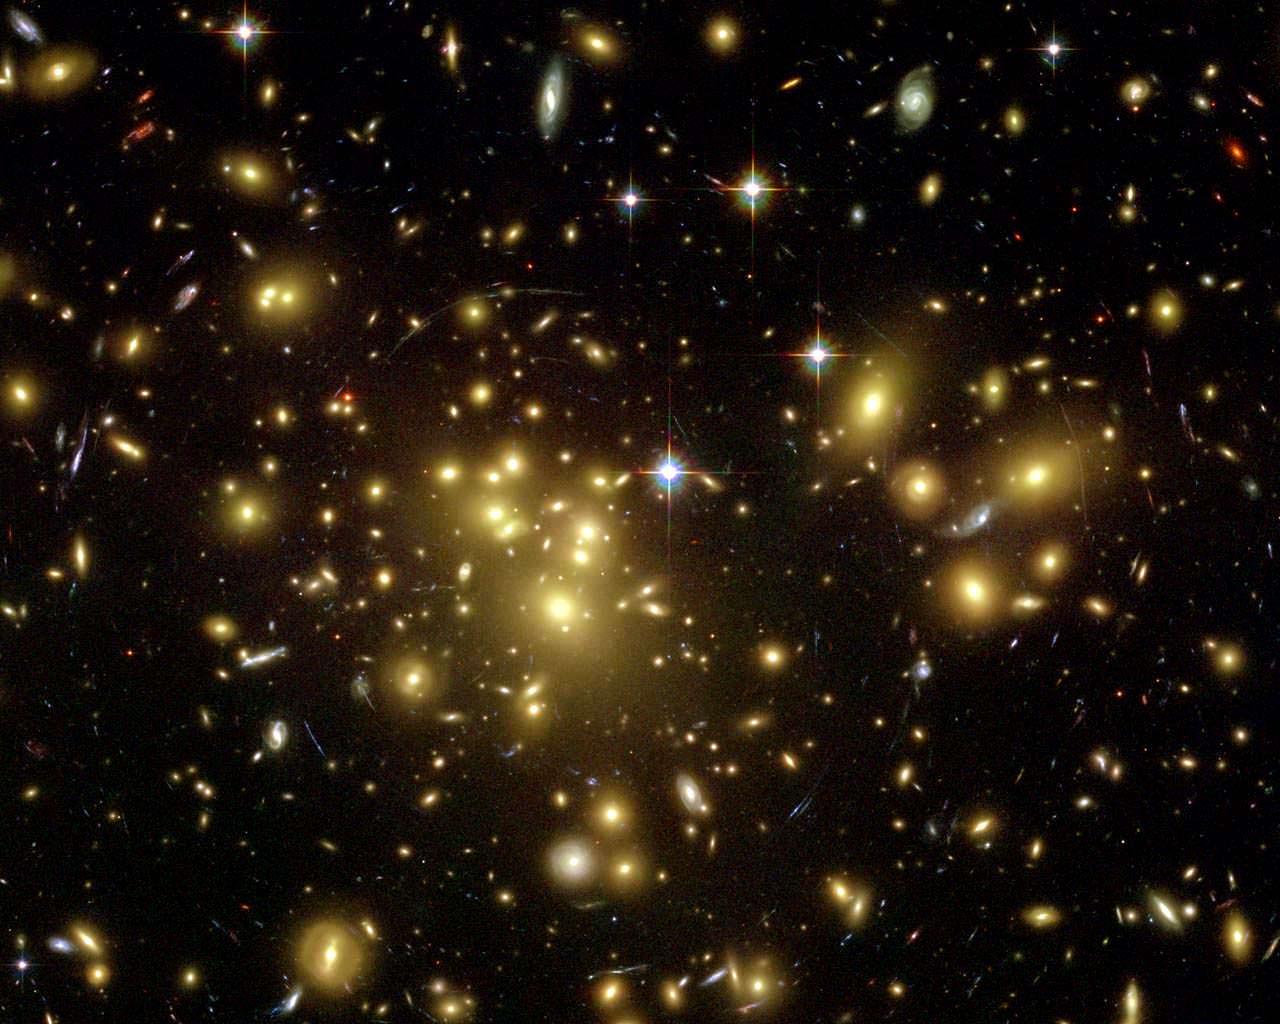 Яка будова Всесвіту: Групи, скупчення та суперскупчення галактик і темна матерія